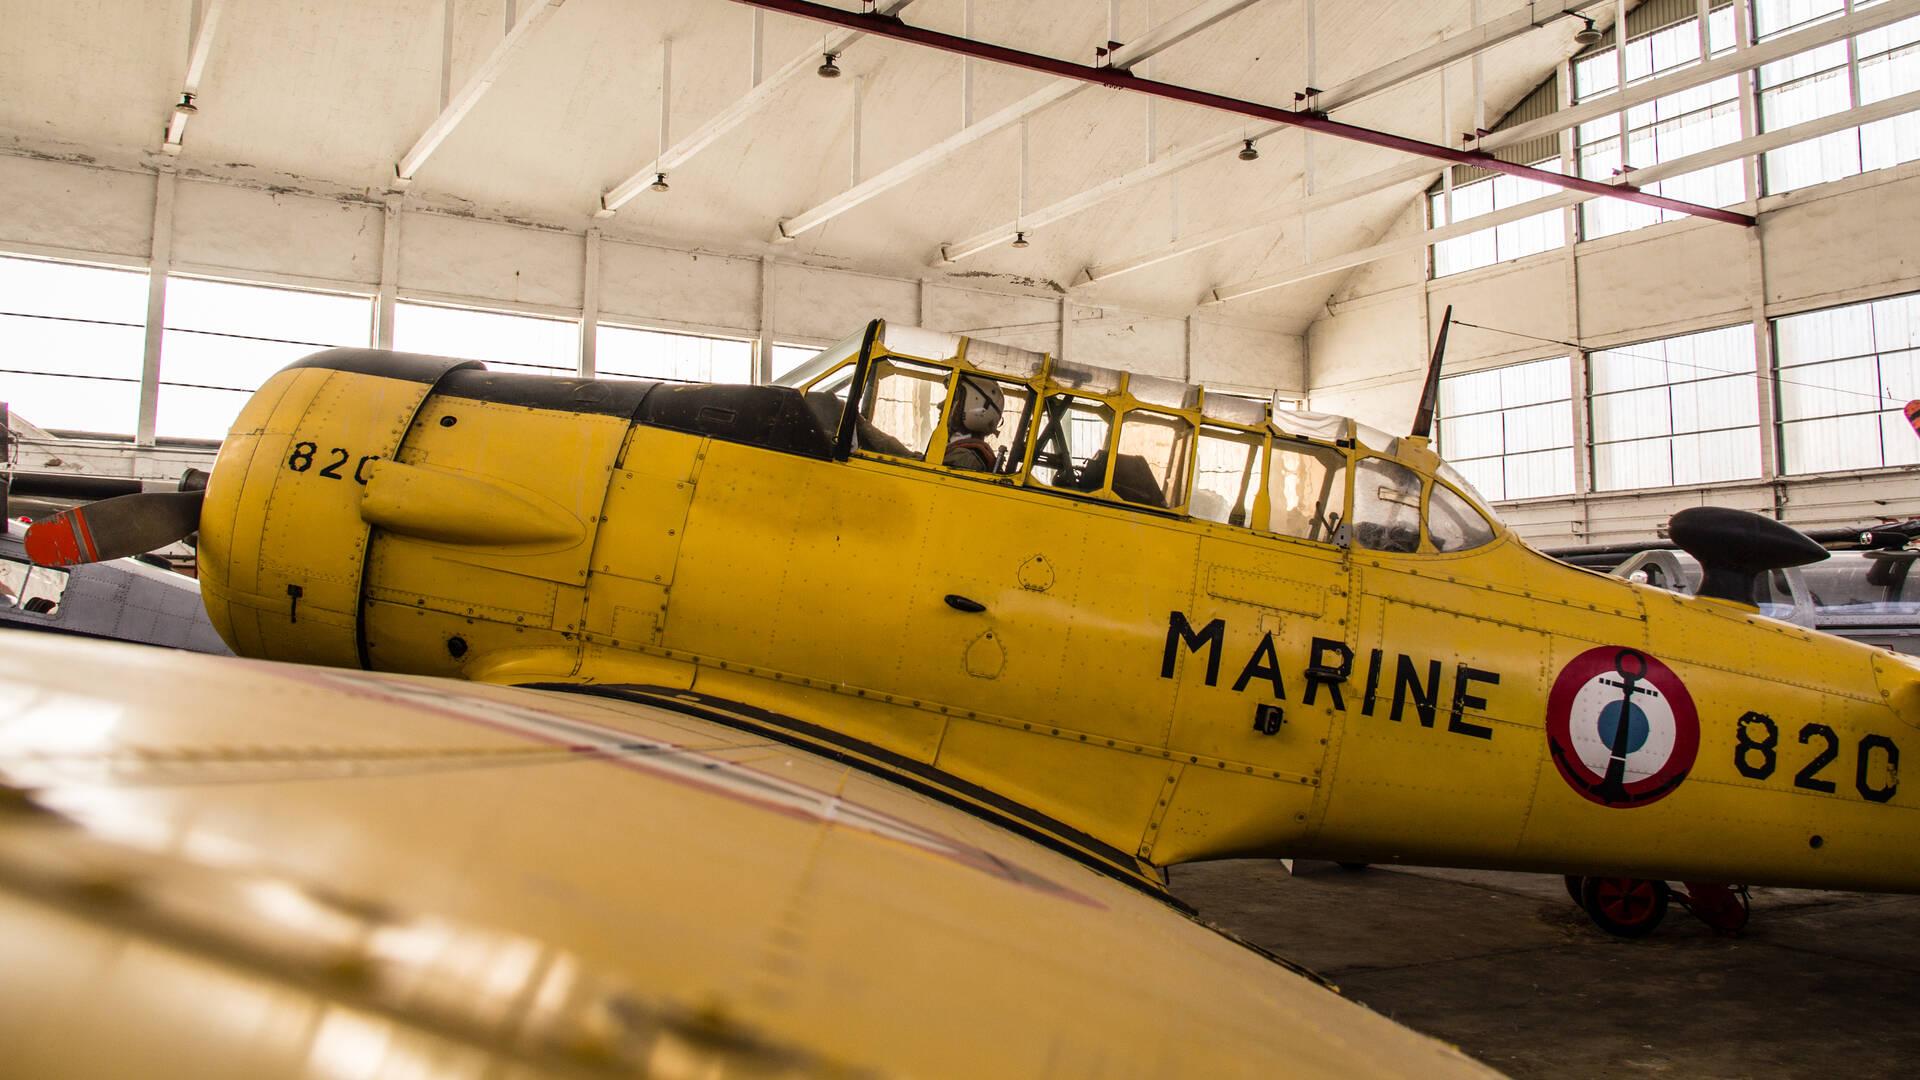 Musée de l'Aéronautique Navale à Rochefort - © David Compain - Ville de Rochefort